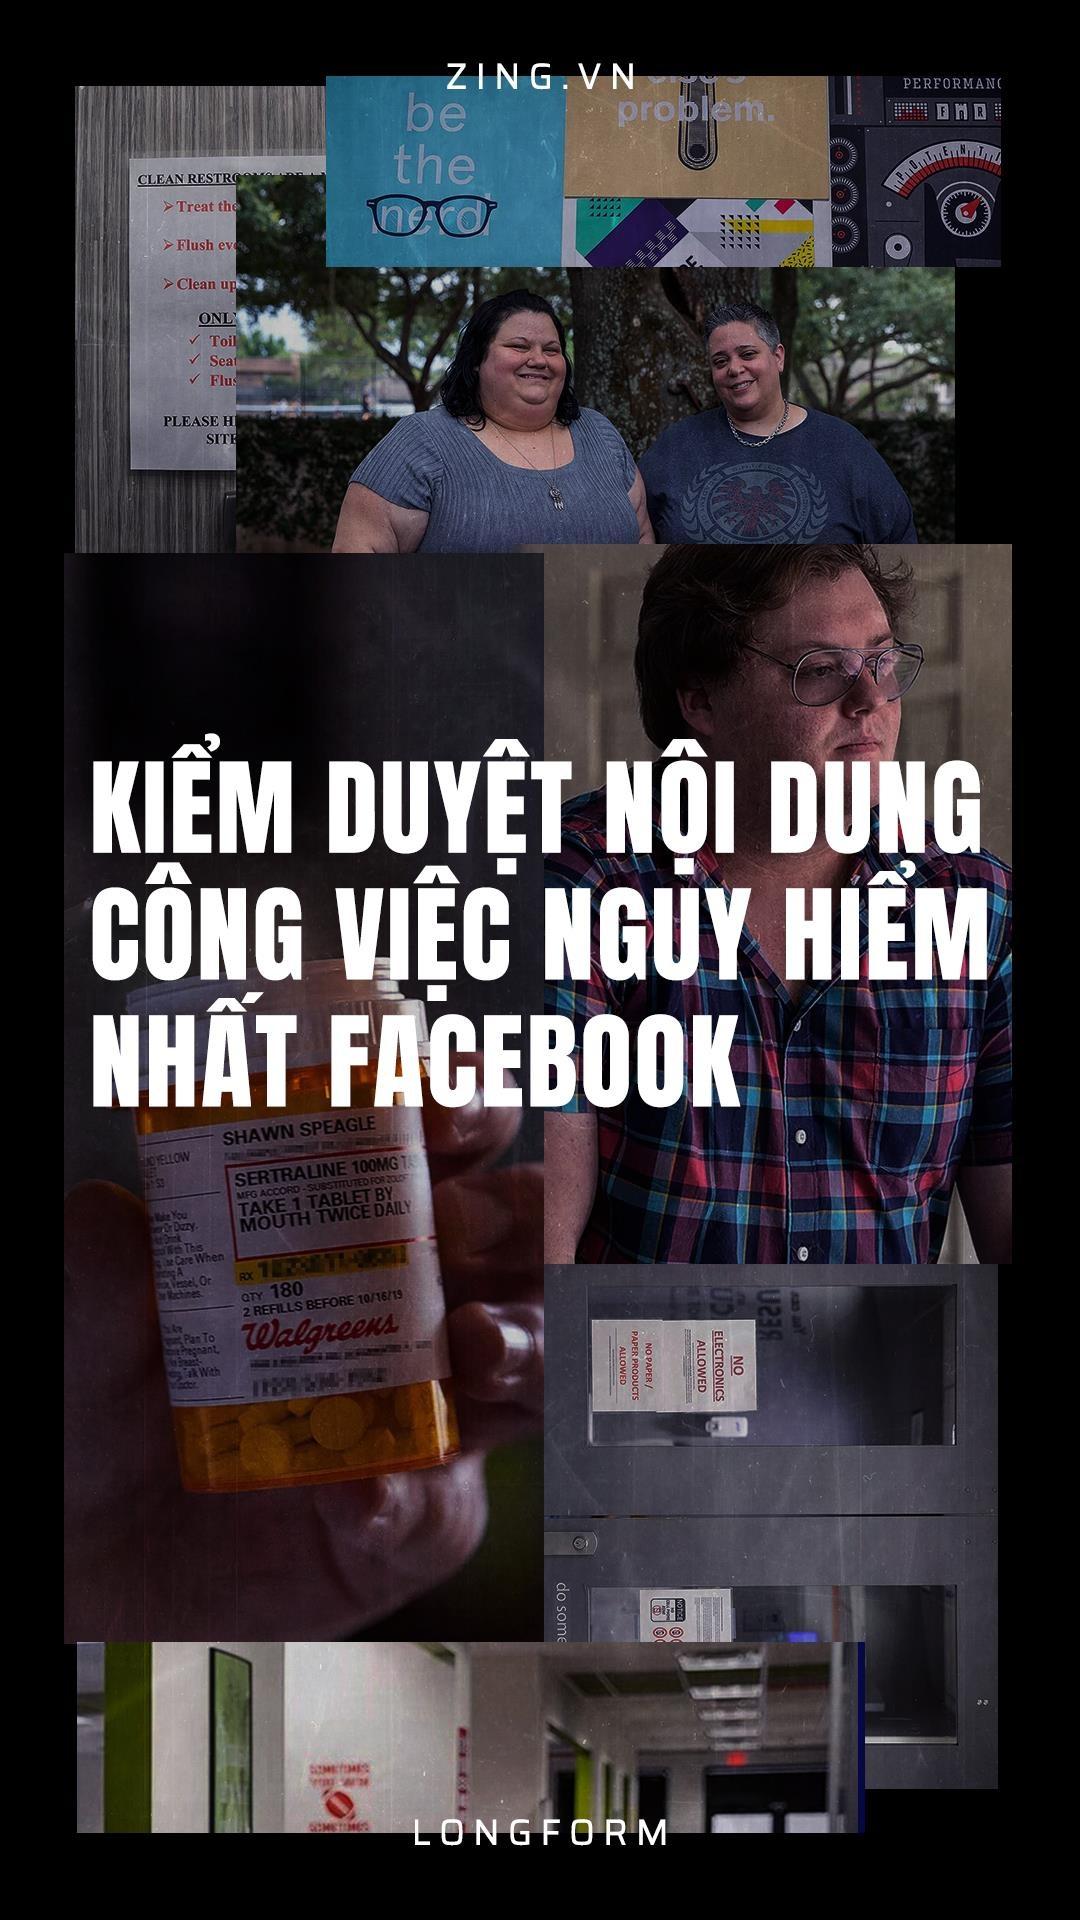 Day la cong viec khung khiep nhat tai Facebook hinh anh 1